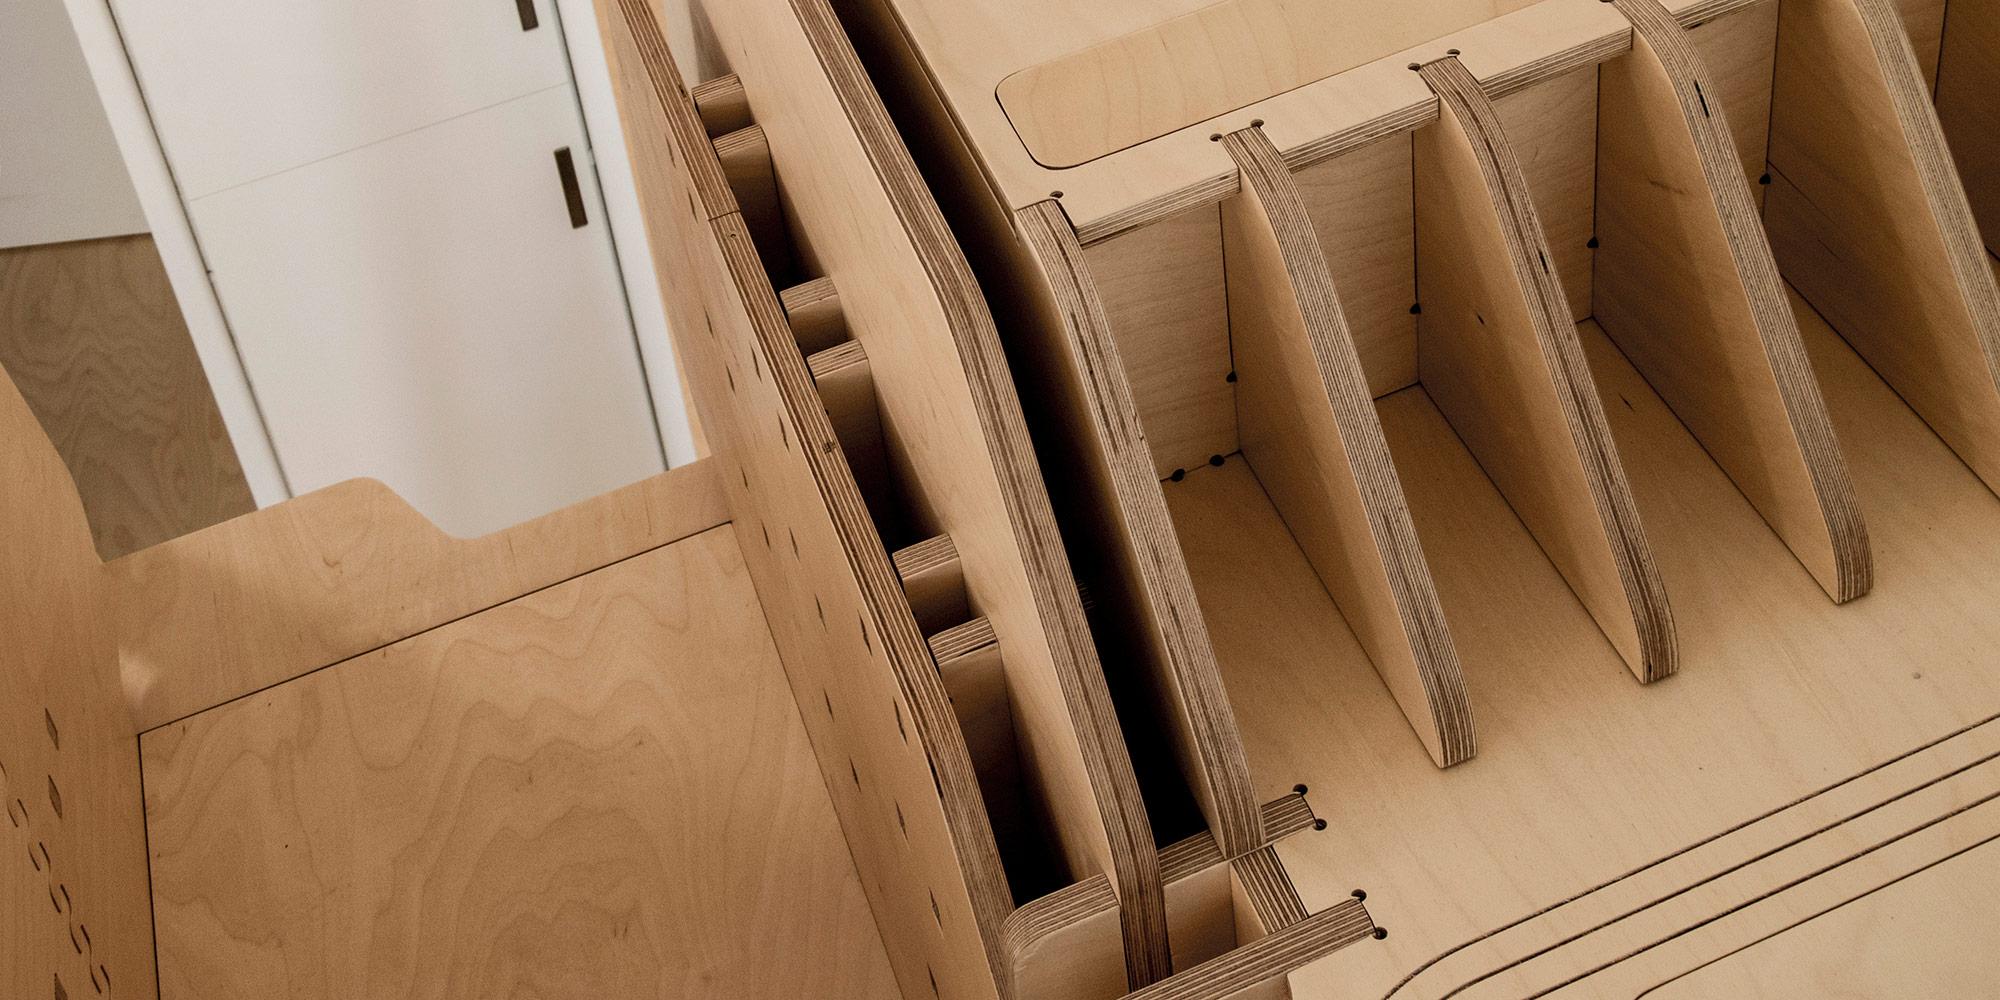 Dettaglio dell'assemblaggio ad alta precisione. In alto a destra appendiabiti a scomparsa.